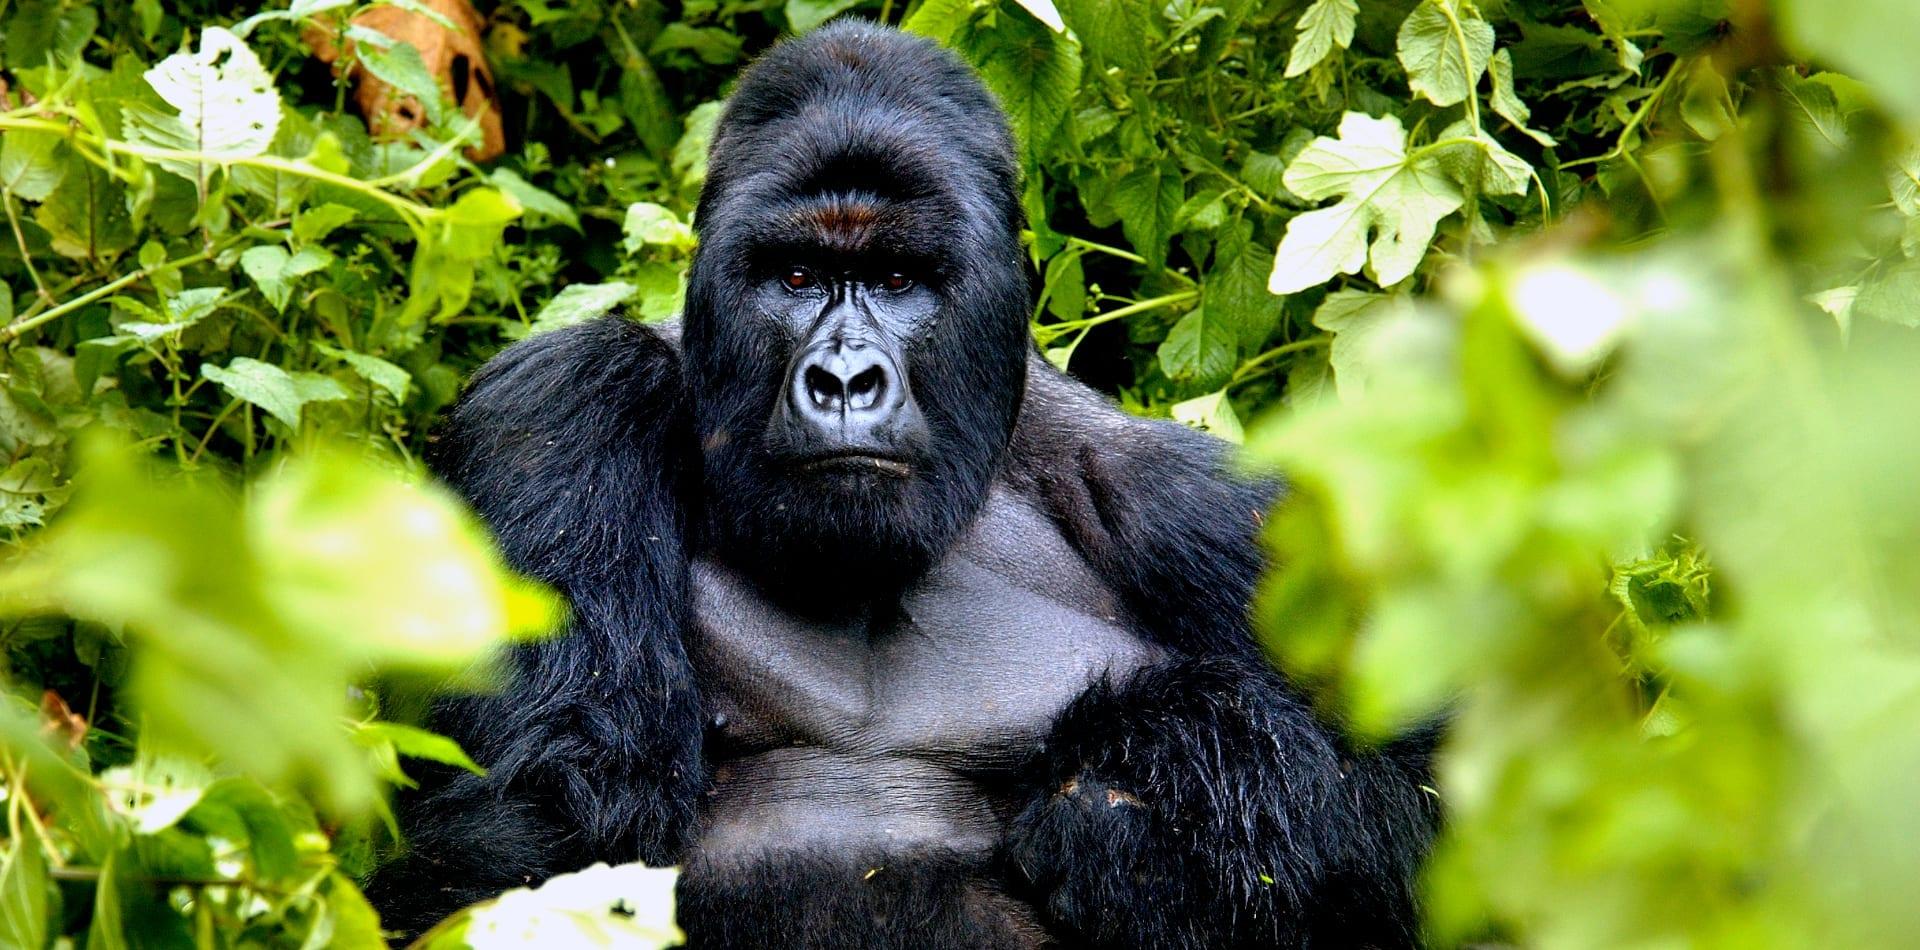 Gorilla in the jungle in Congo